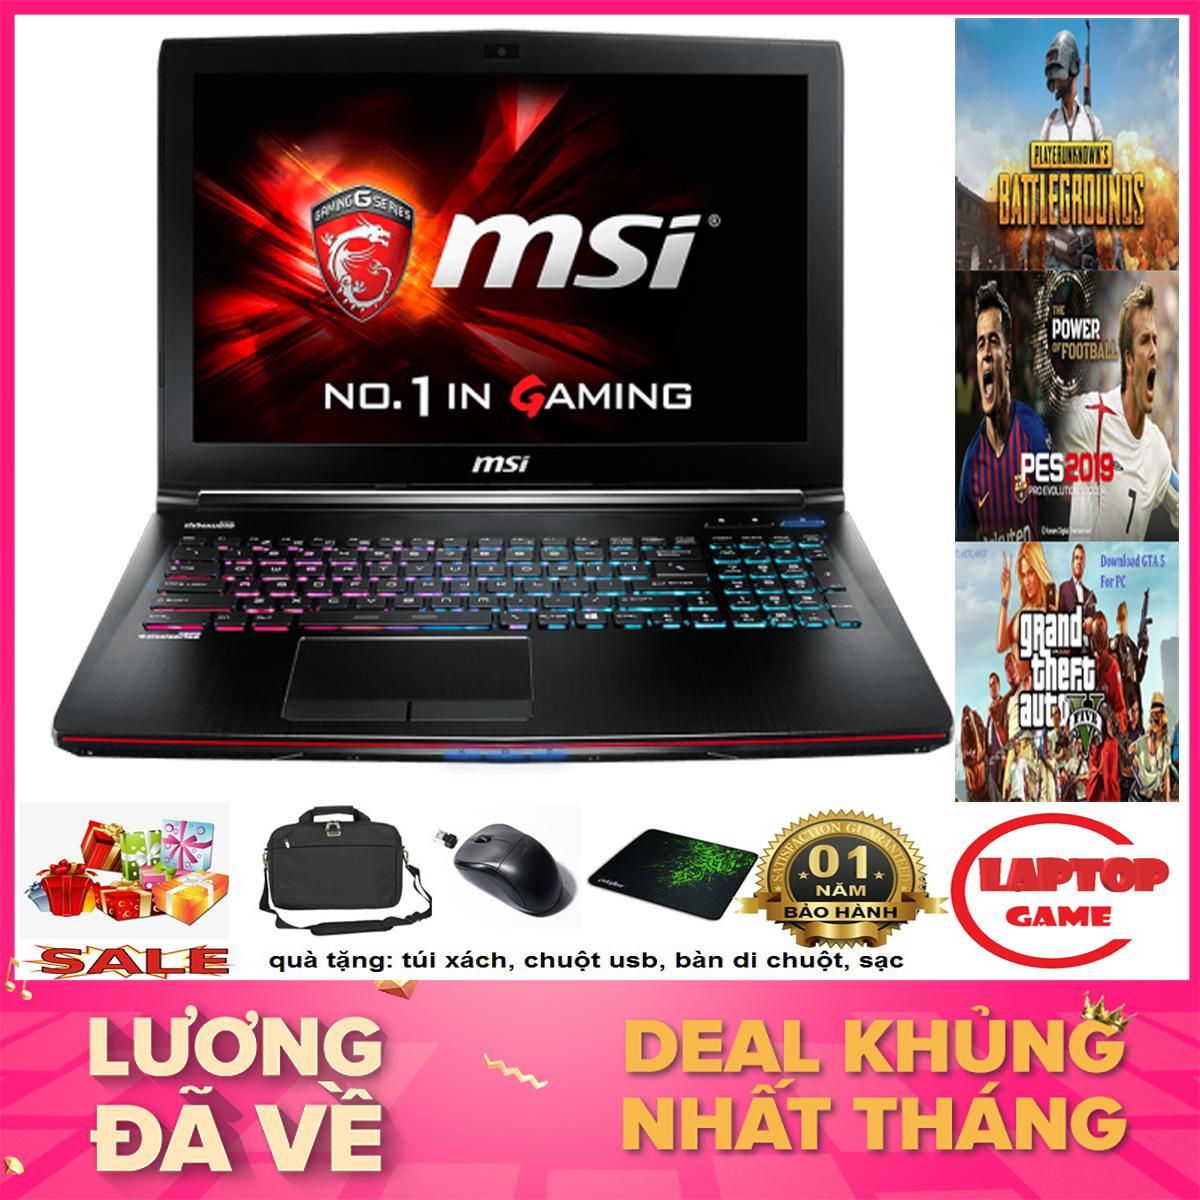 HÀNG HIẾM VGA KHỦNG GTX 970M - Laptop MSI GE62 2QF (Core i7-5700HQ, RAM 8GB, HDD 1TB, NVIDIA GeForce GTX...